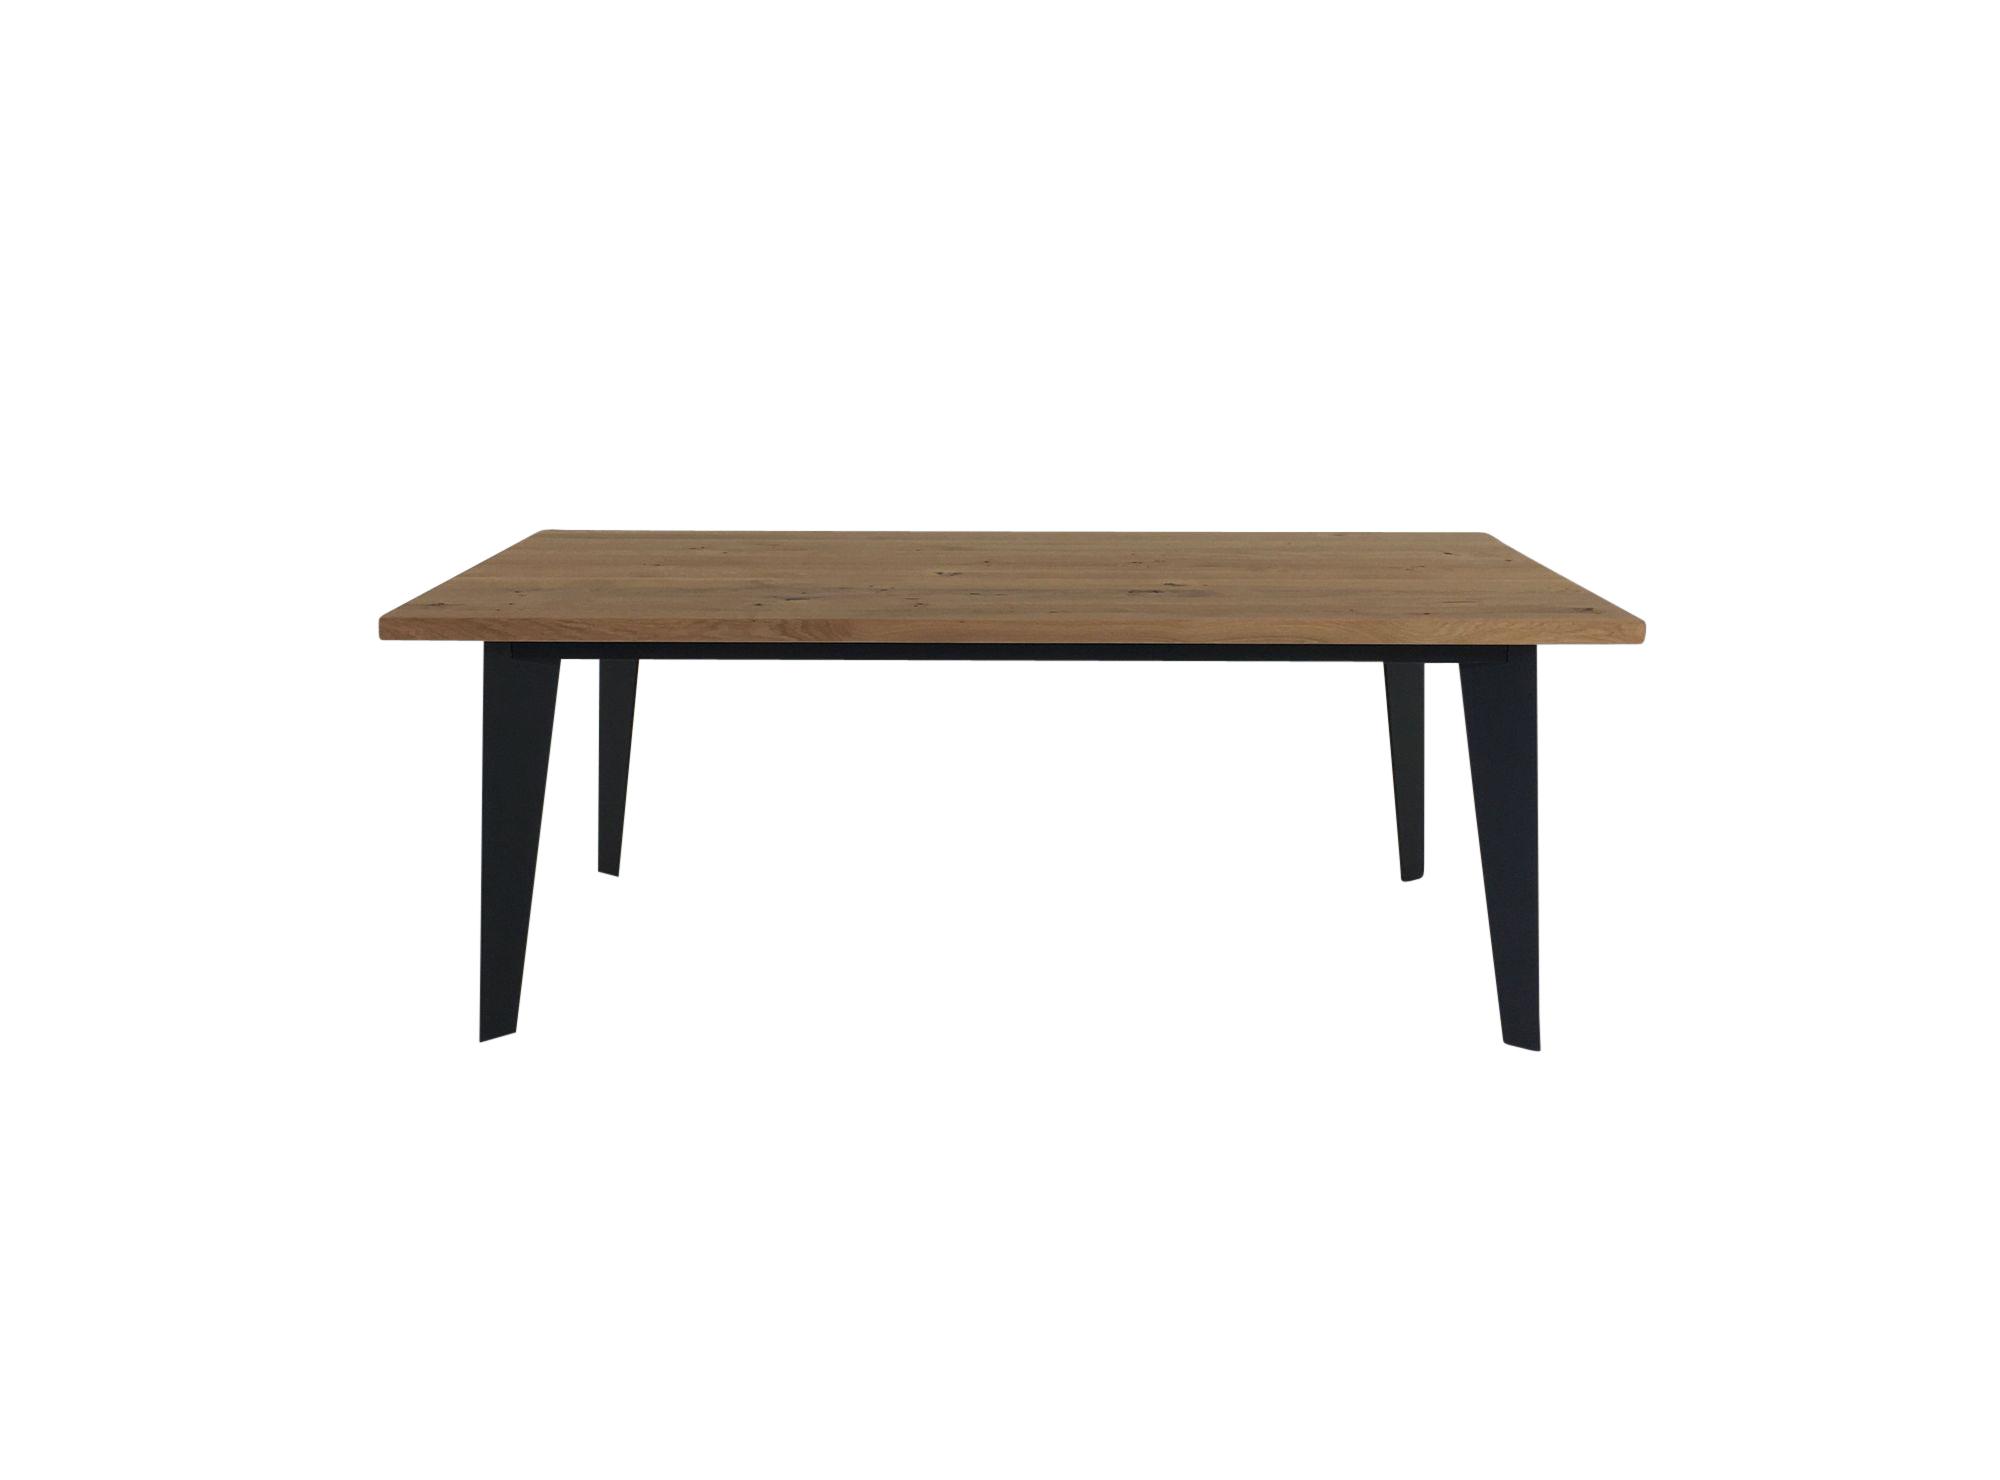 rolf benz 979 esstisch in eiche massiv 200 cm breite und. Black Bedroom Furniture Sets. Home Design Ideas